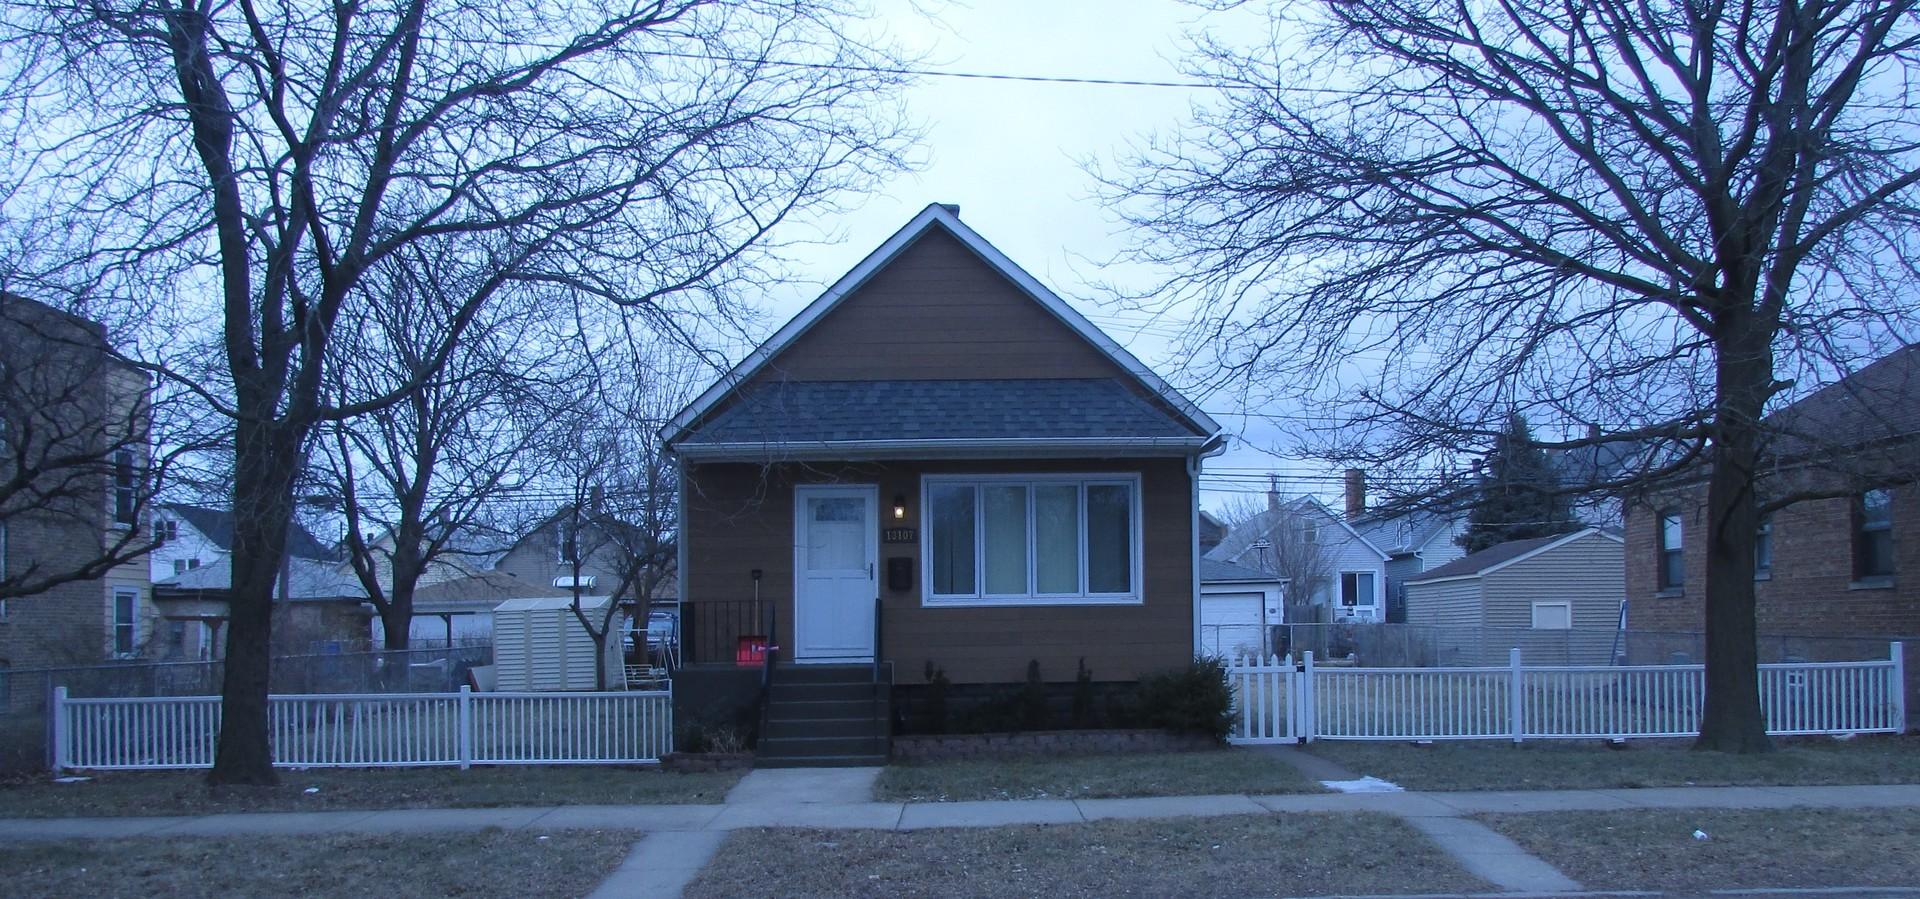 13107 South Carondolet, CHICAGO, Illinois, 60633